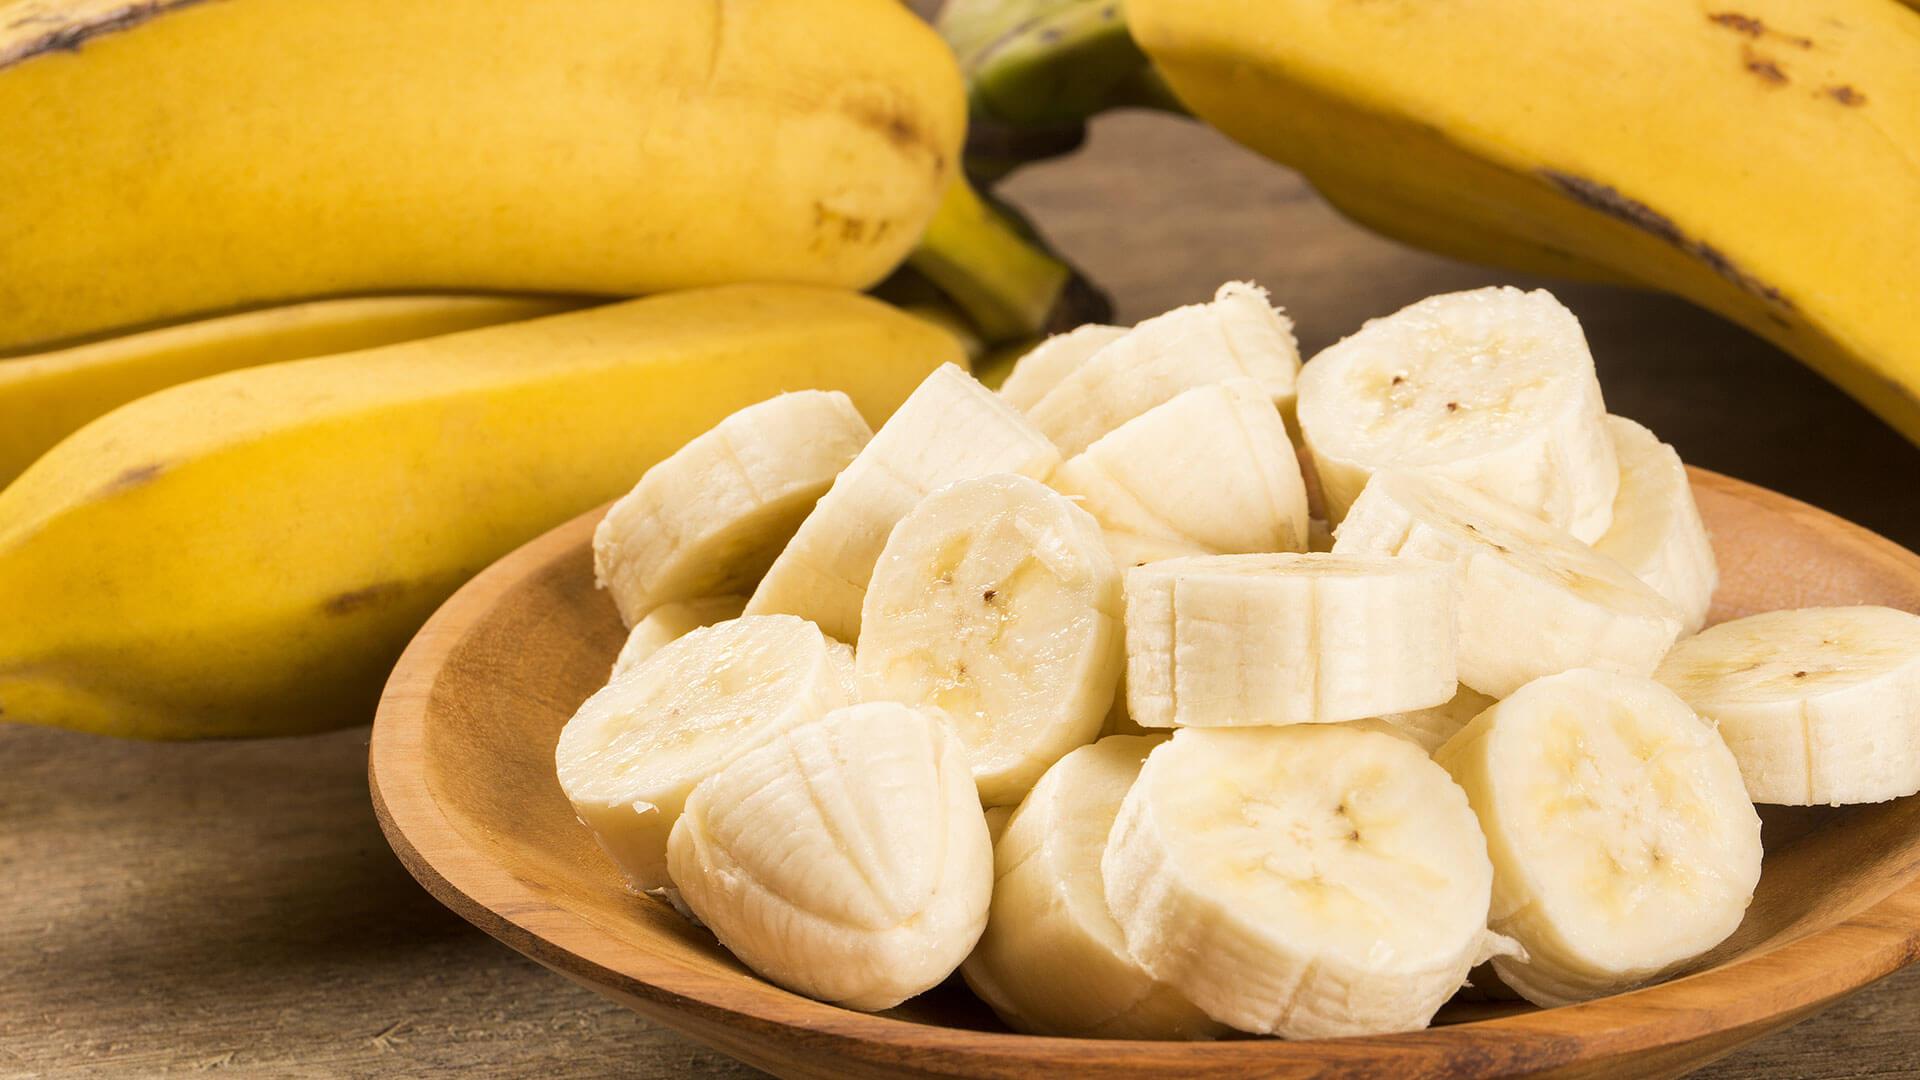 Banana na Dieta? Com certeza!